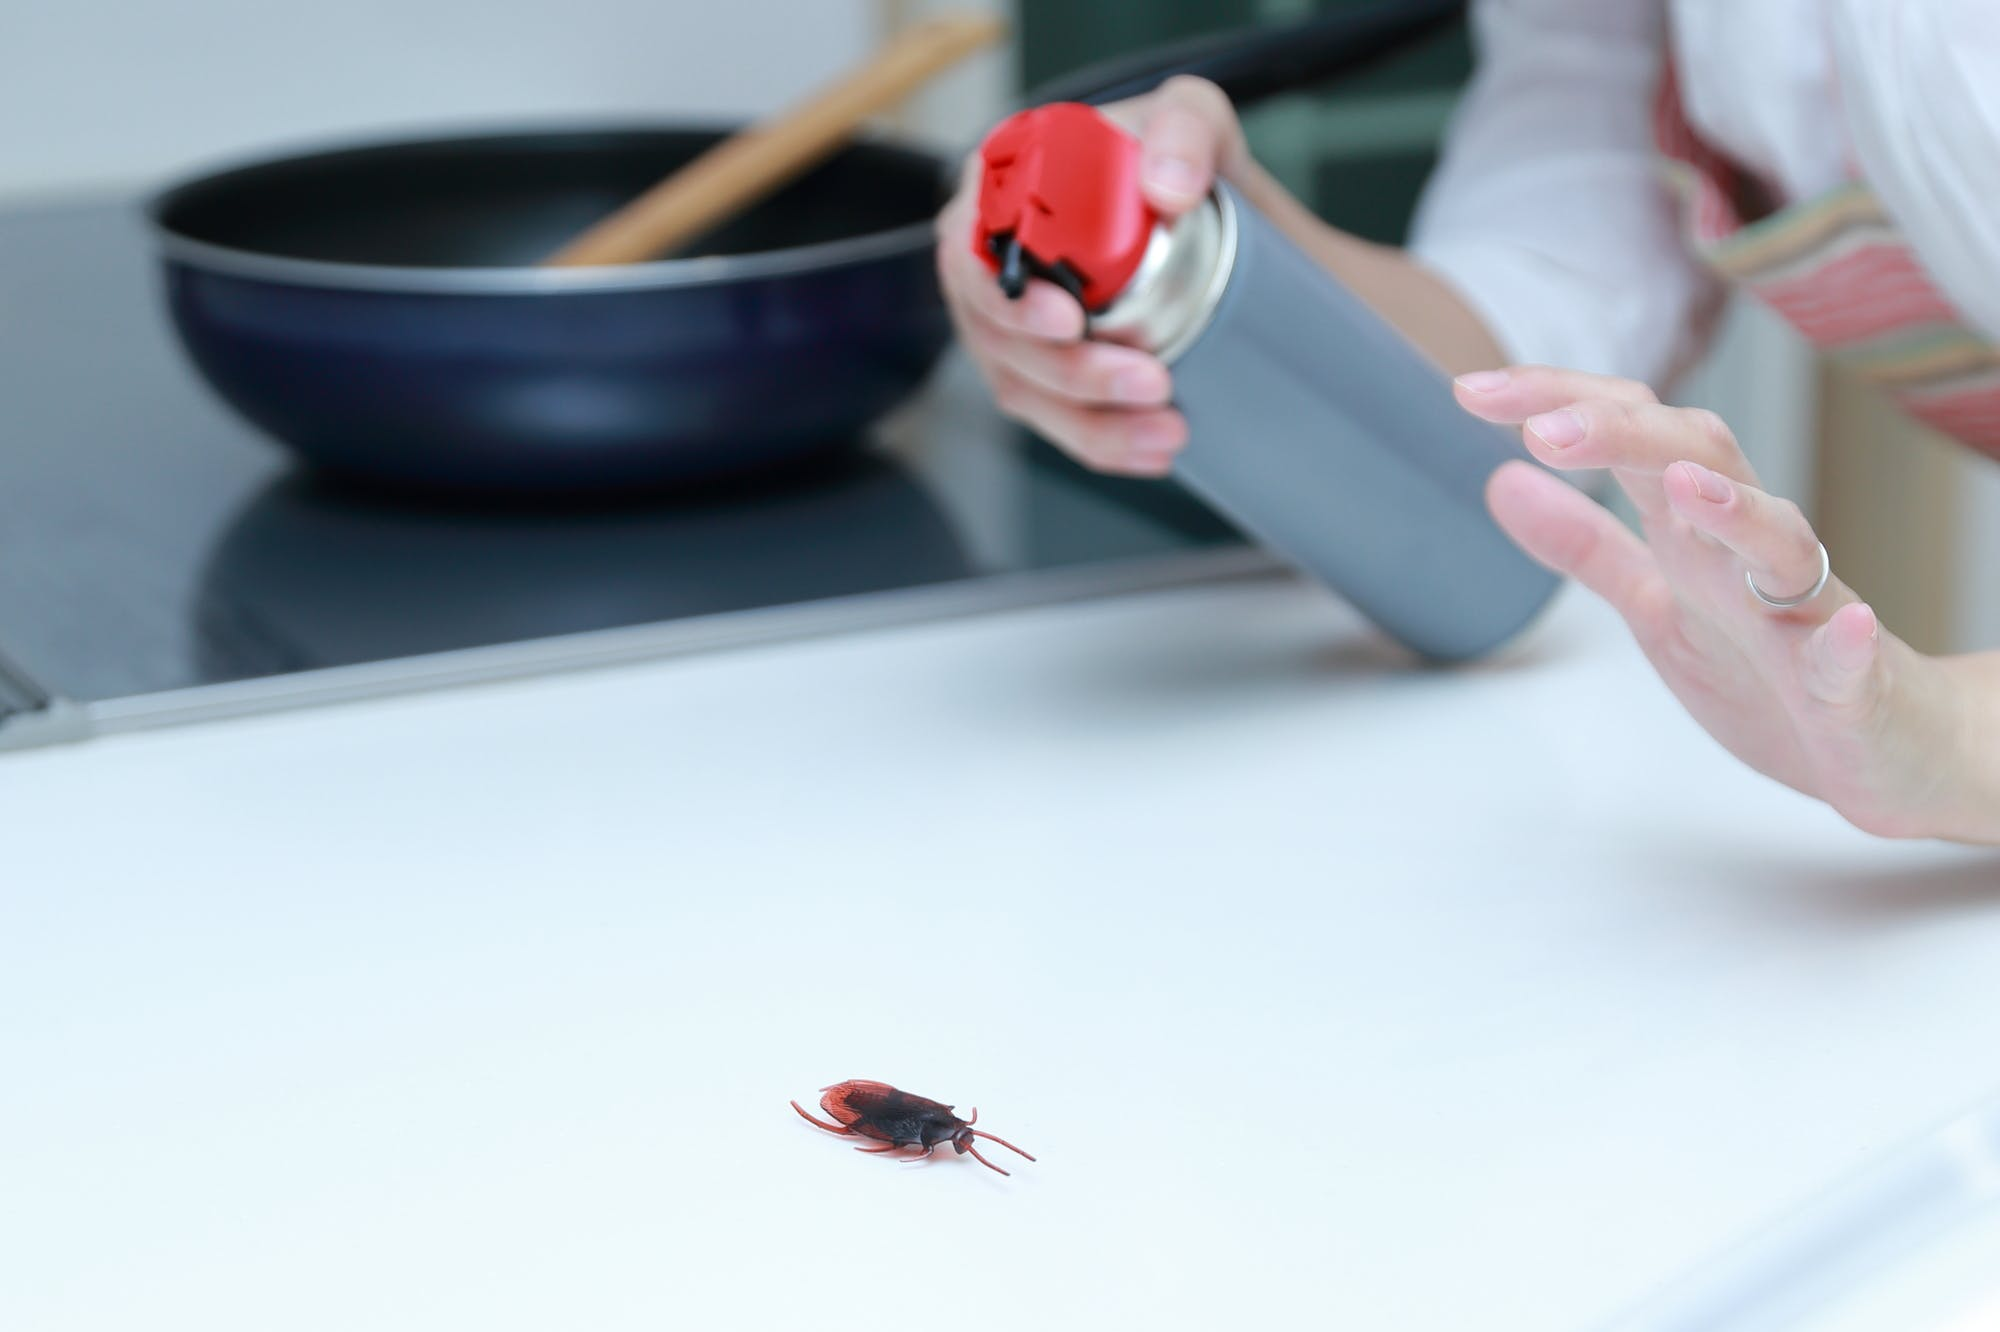 ゴキブリ 赤ちゃん 画像